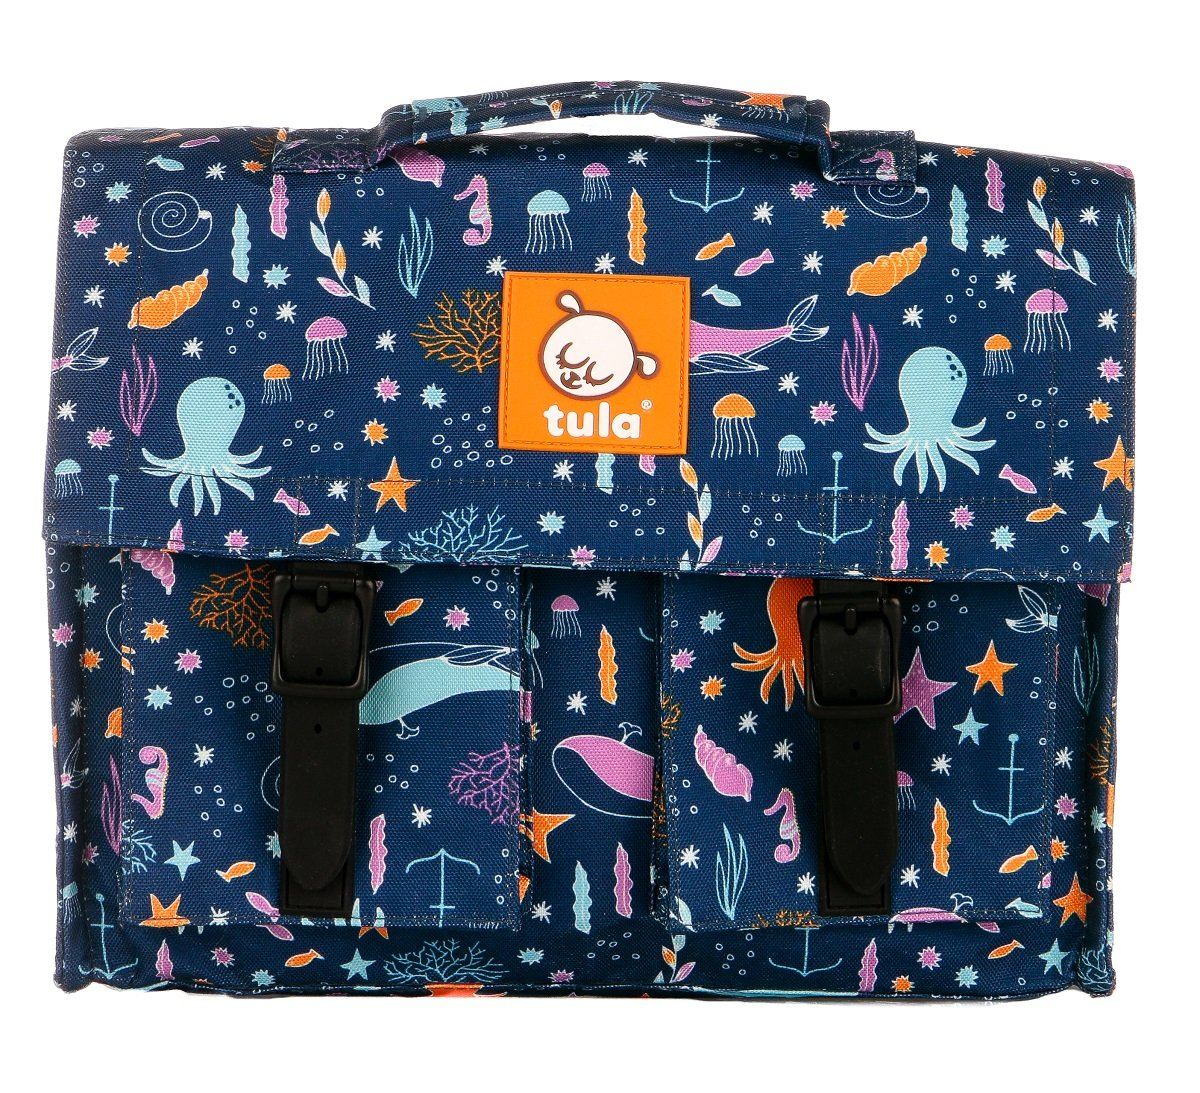 Tula Kids backpack in deep ocean pattern